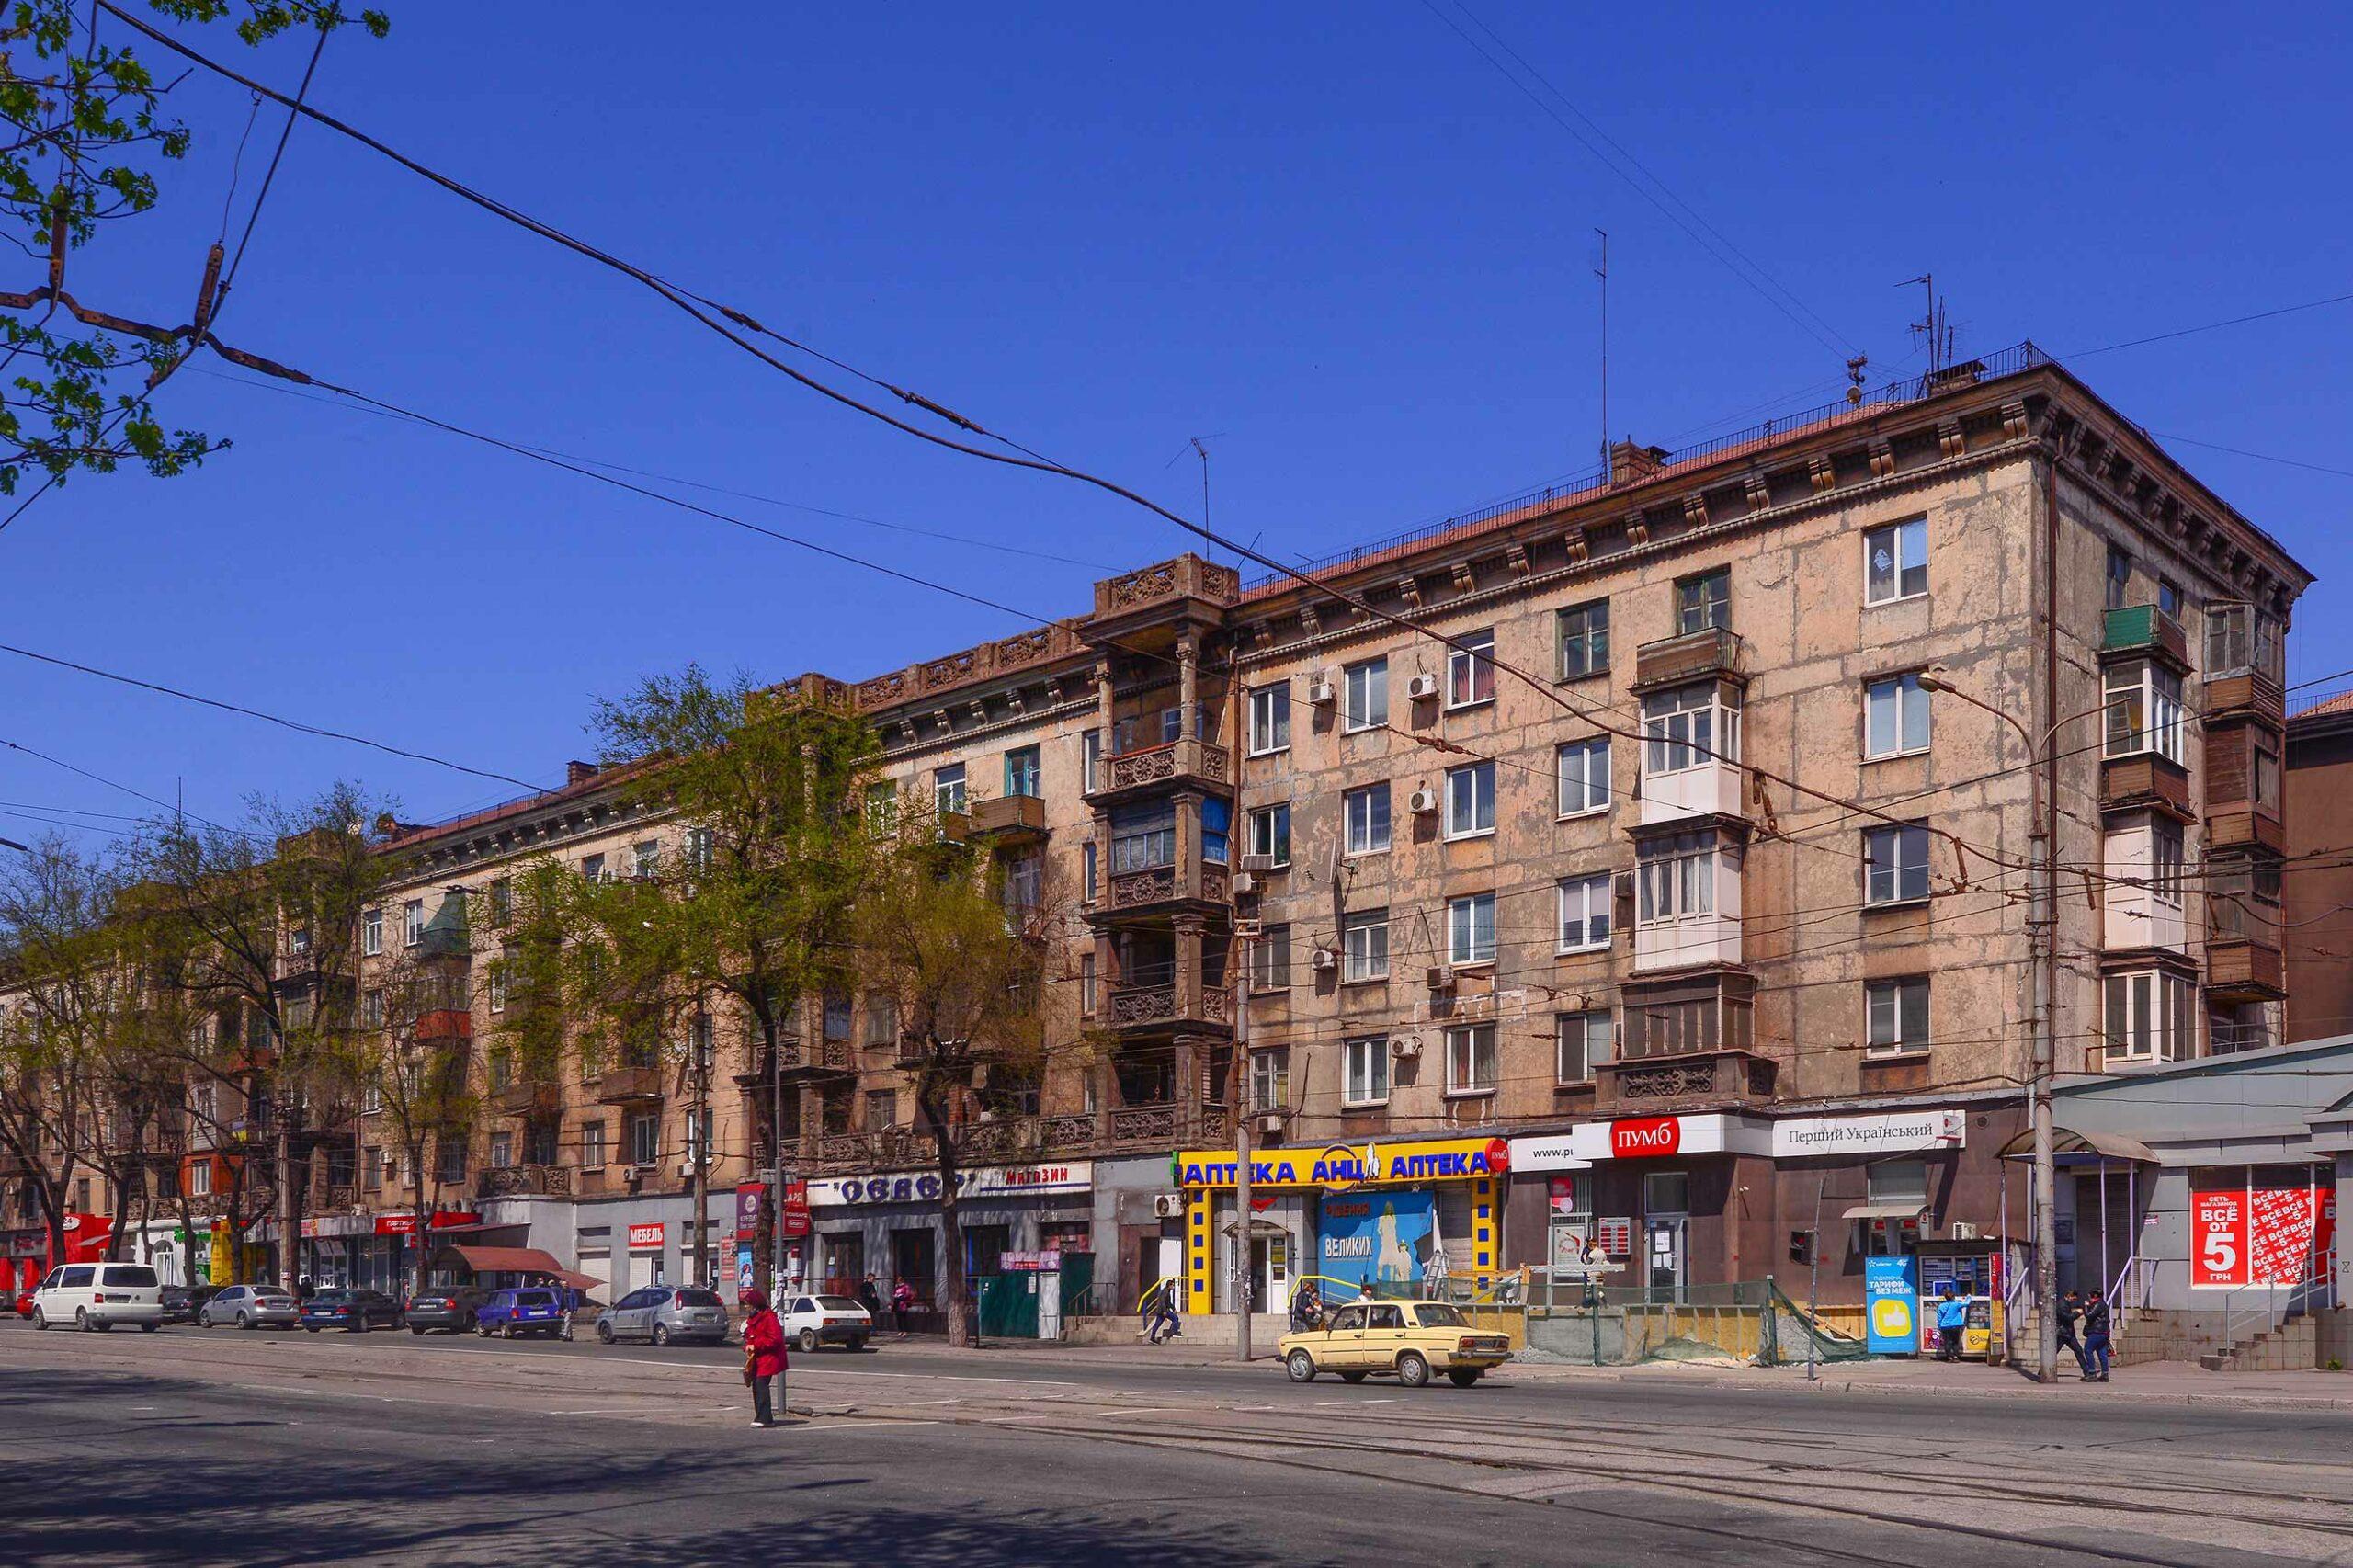 shyrochyn 12 scaled - <b>Что вы знаете об архитектуре промышленных городов? Она прекрасна.</b> Вот как выглядят самые интересные здания Мариуполя - Заборона